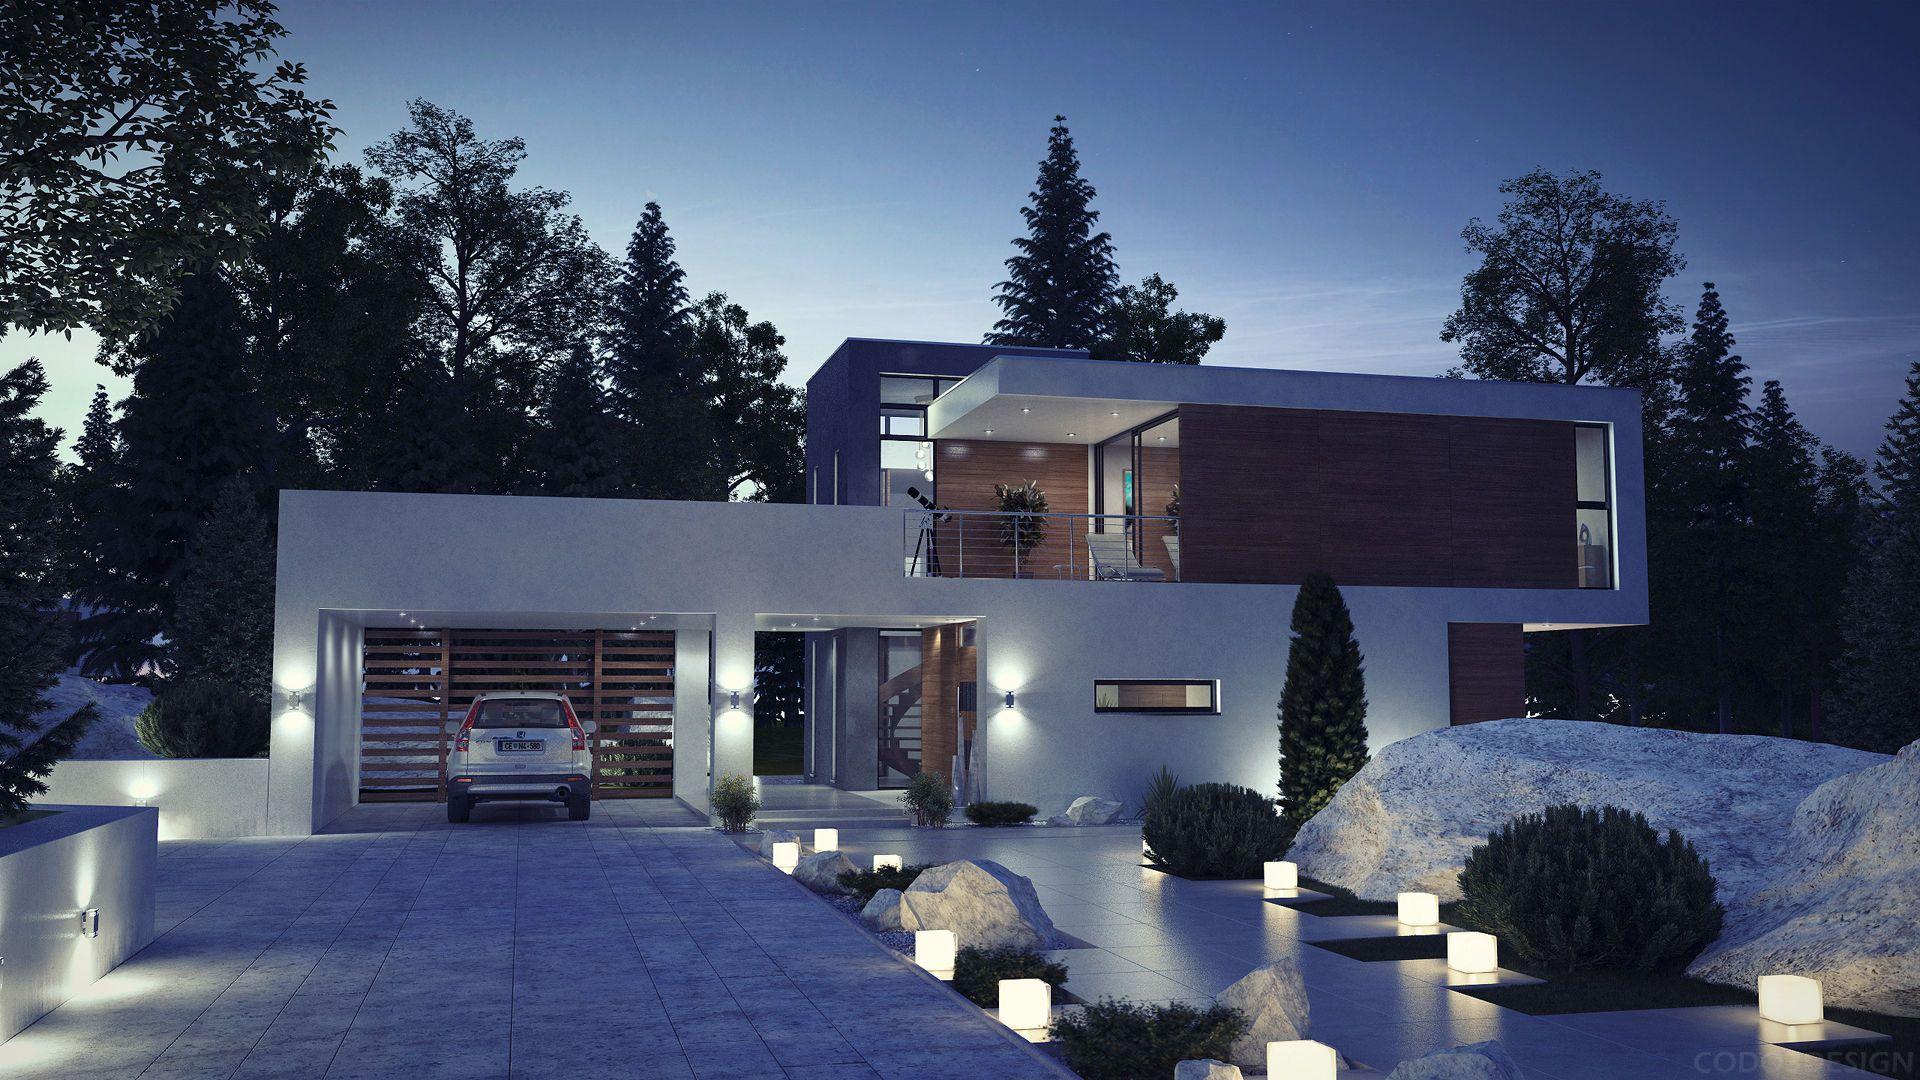 Unique Modern House Images HD 1080p httpwallawycomunique